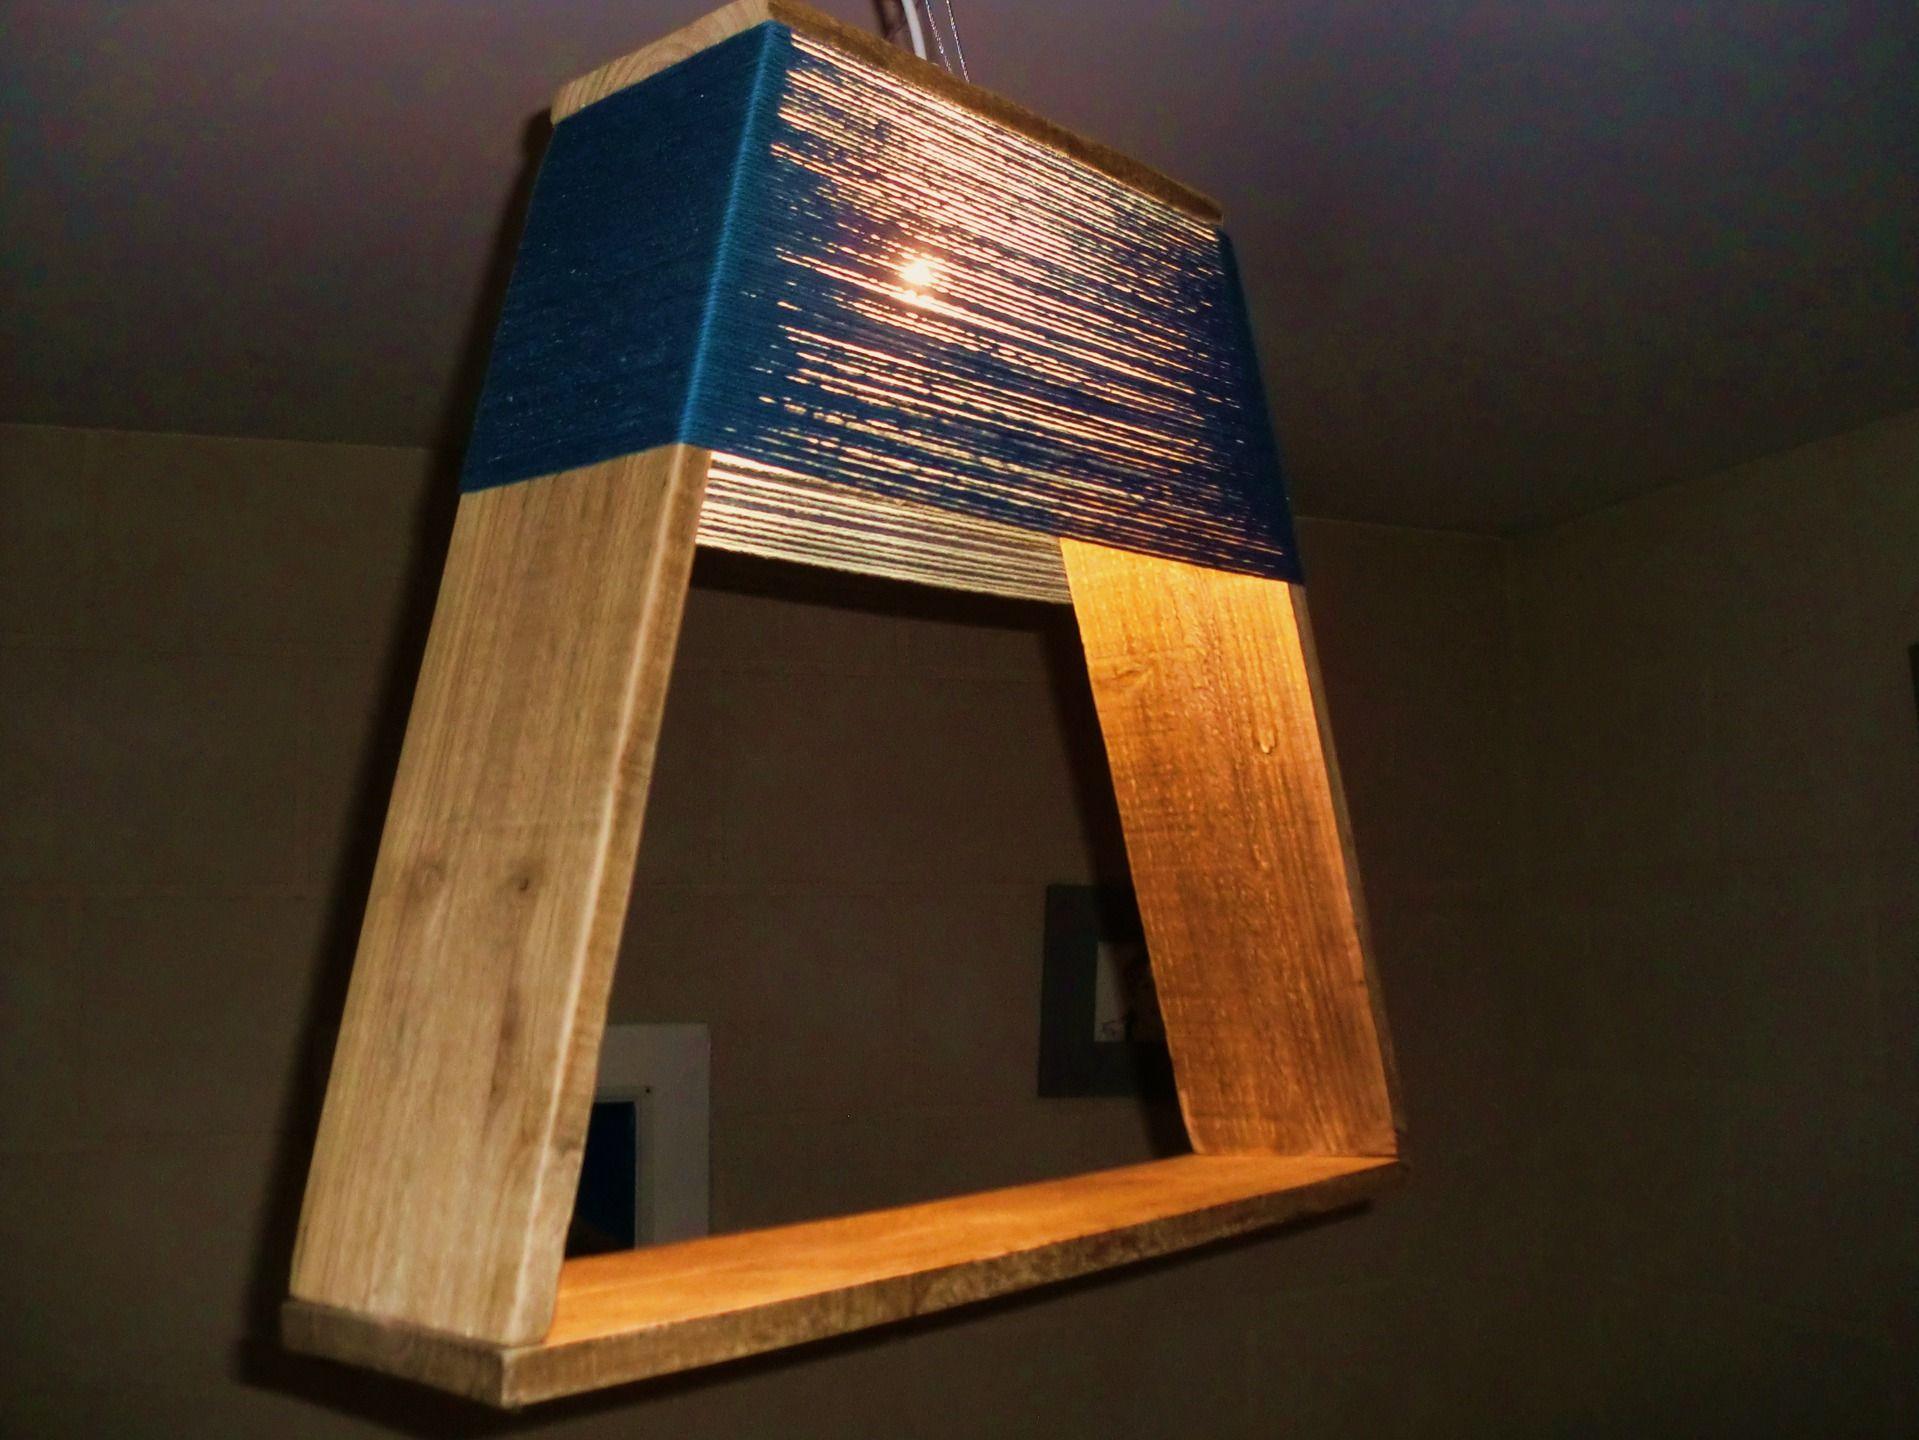 lampe / suspension / abat jour en bois de récup' et coton bleu